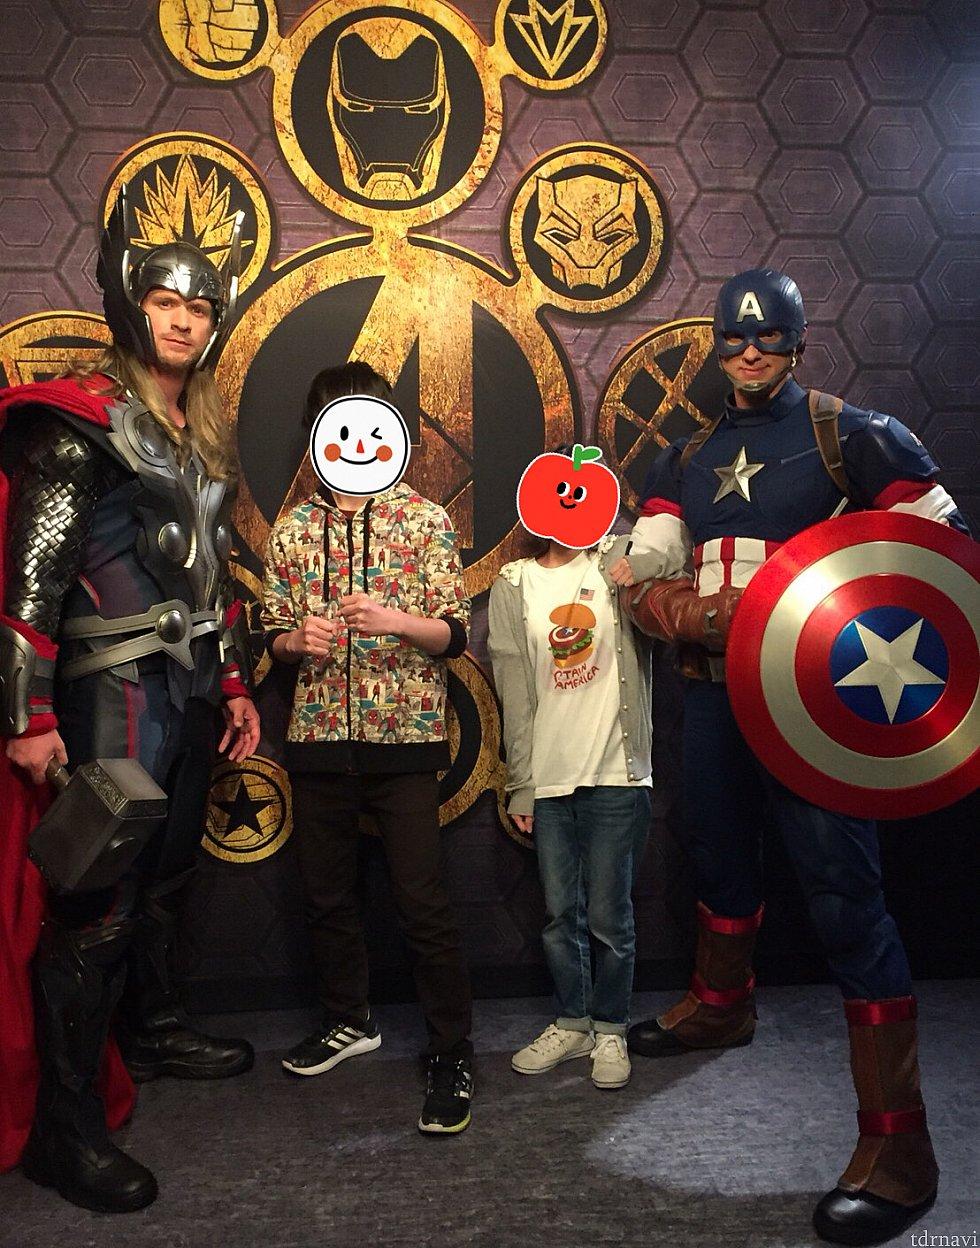 ソー、キャプテンアメリカ ソーは高身長でガッチリでかっこよすぎ!